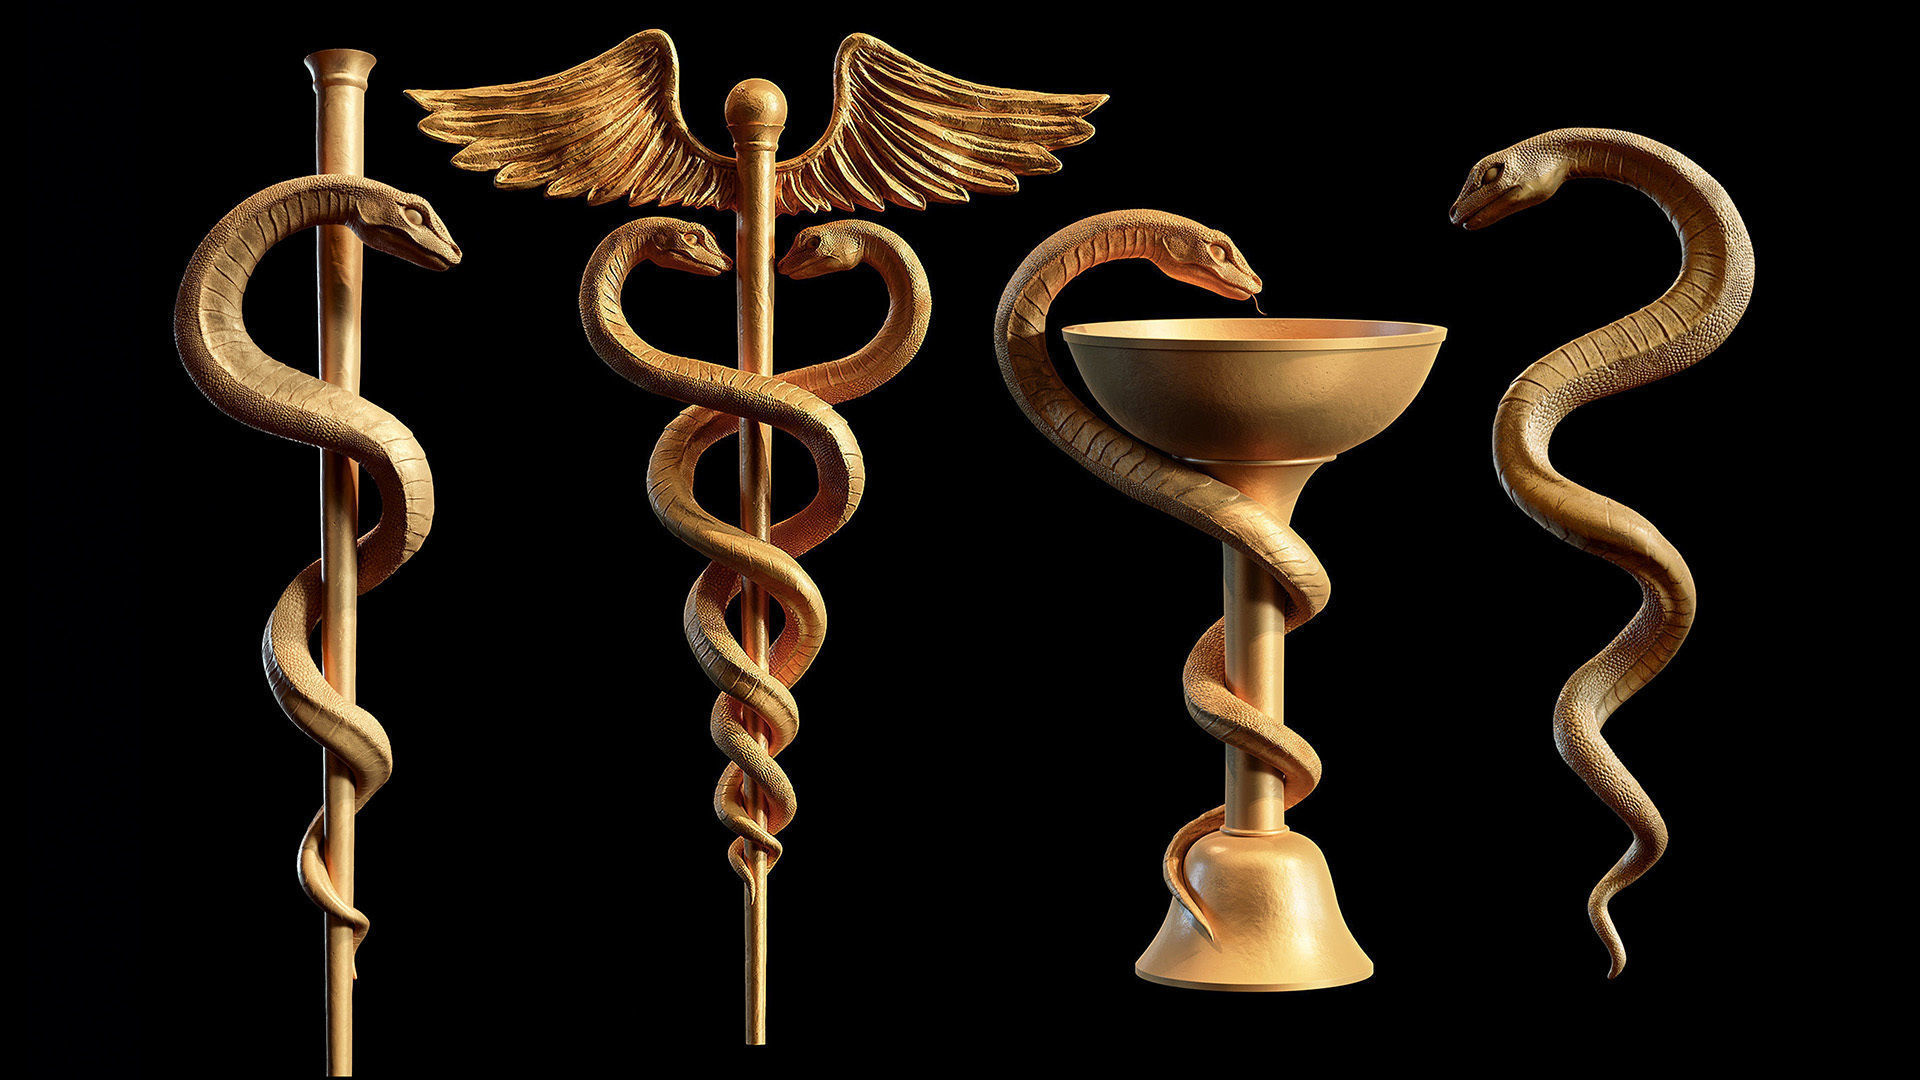 Medical symbol 4 models collection